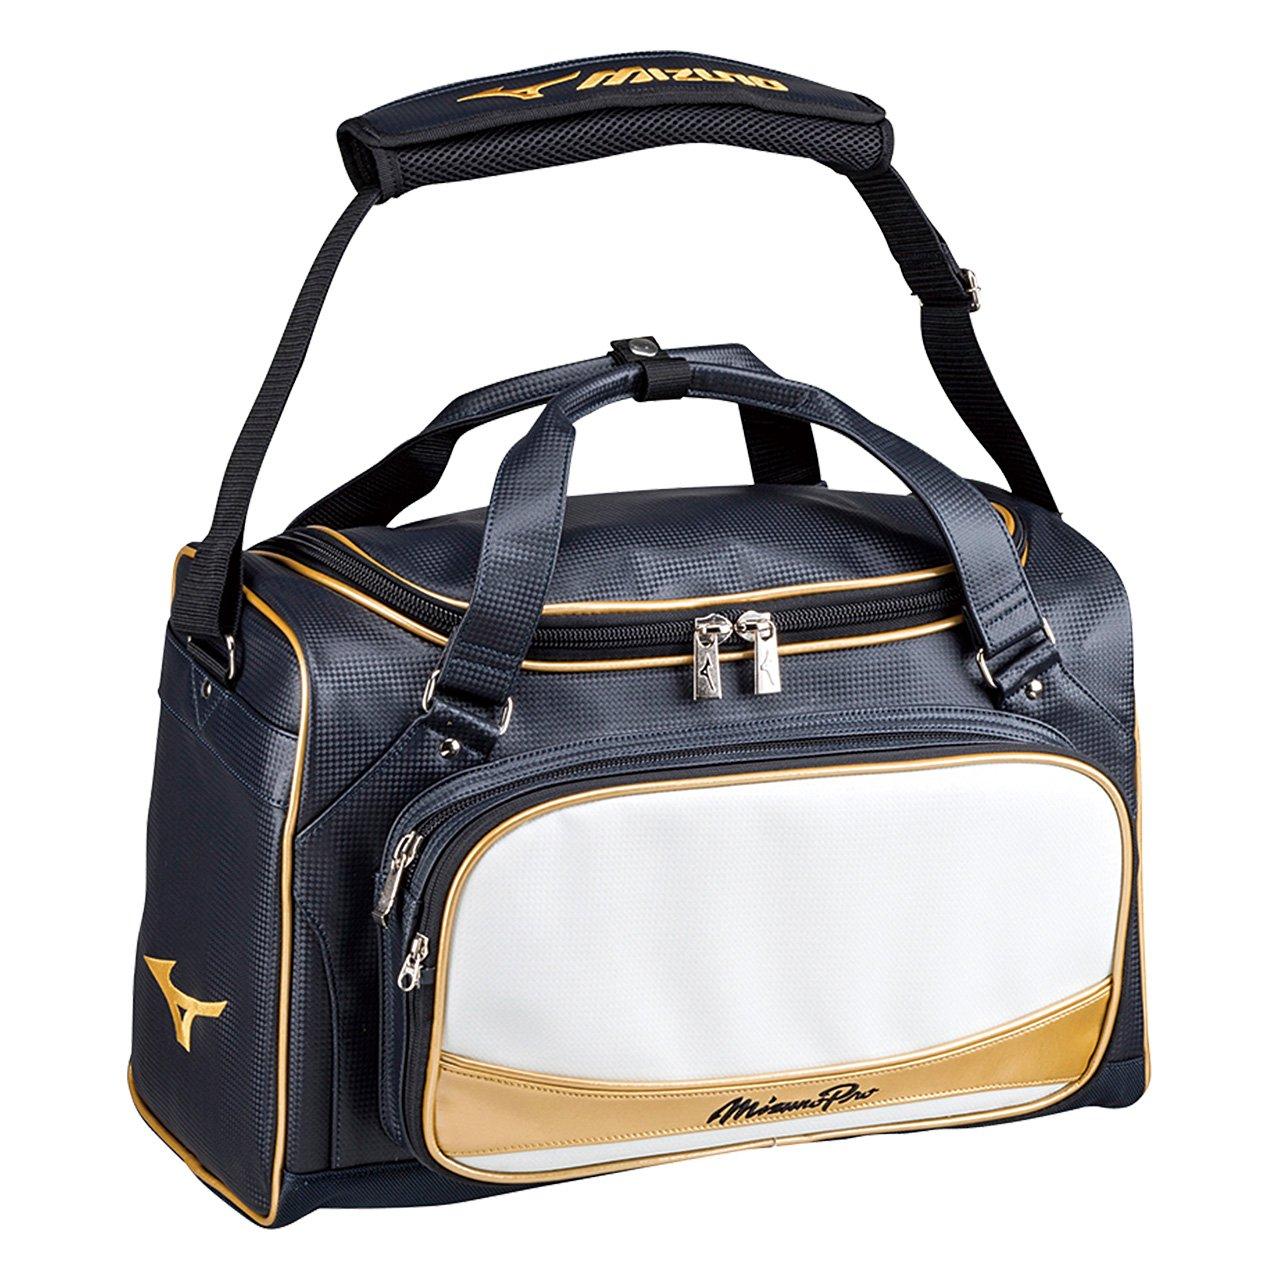 ミズノ(MIZUNO) ミズノプロ セカンドバッグ 1FJD6001 B018WYLLEY ネイビー×ホワイト(74) ネイビー×ホワイト(74)